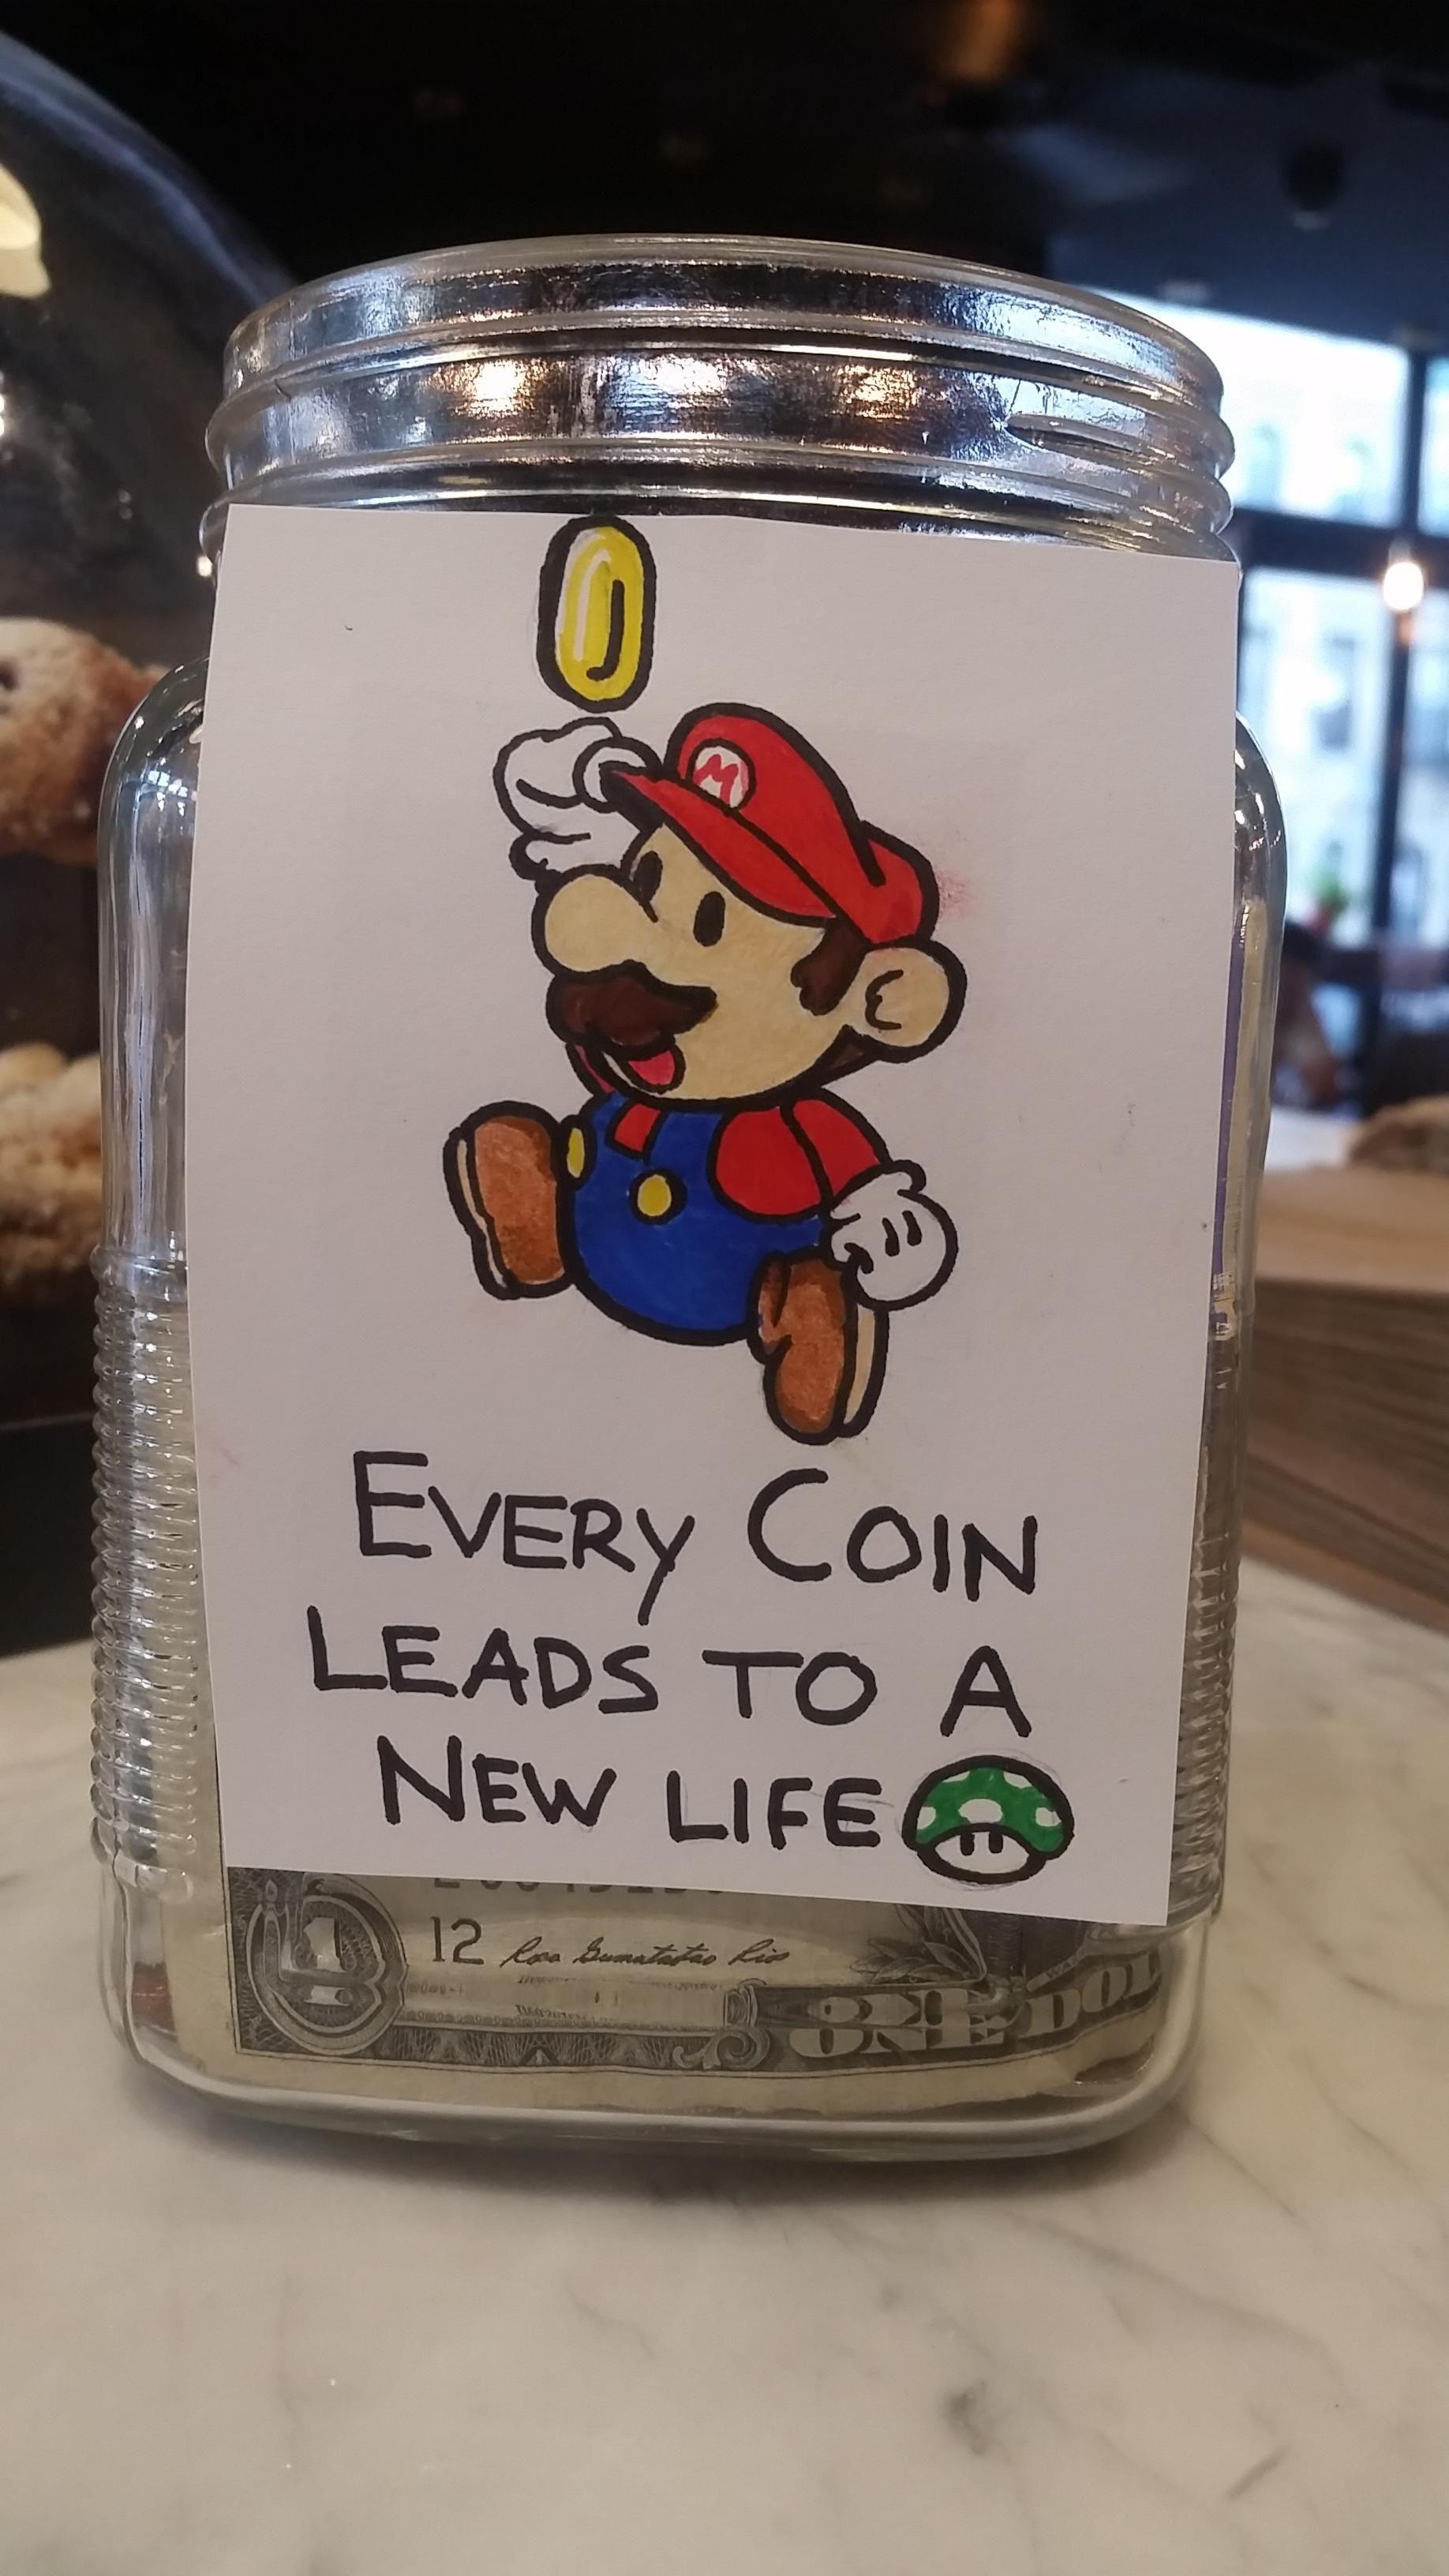 Mario Barista Tip Jar  Video Game Fun  Pinterest  Barista, Jar And Nintendo